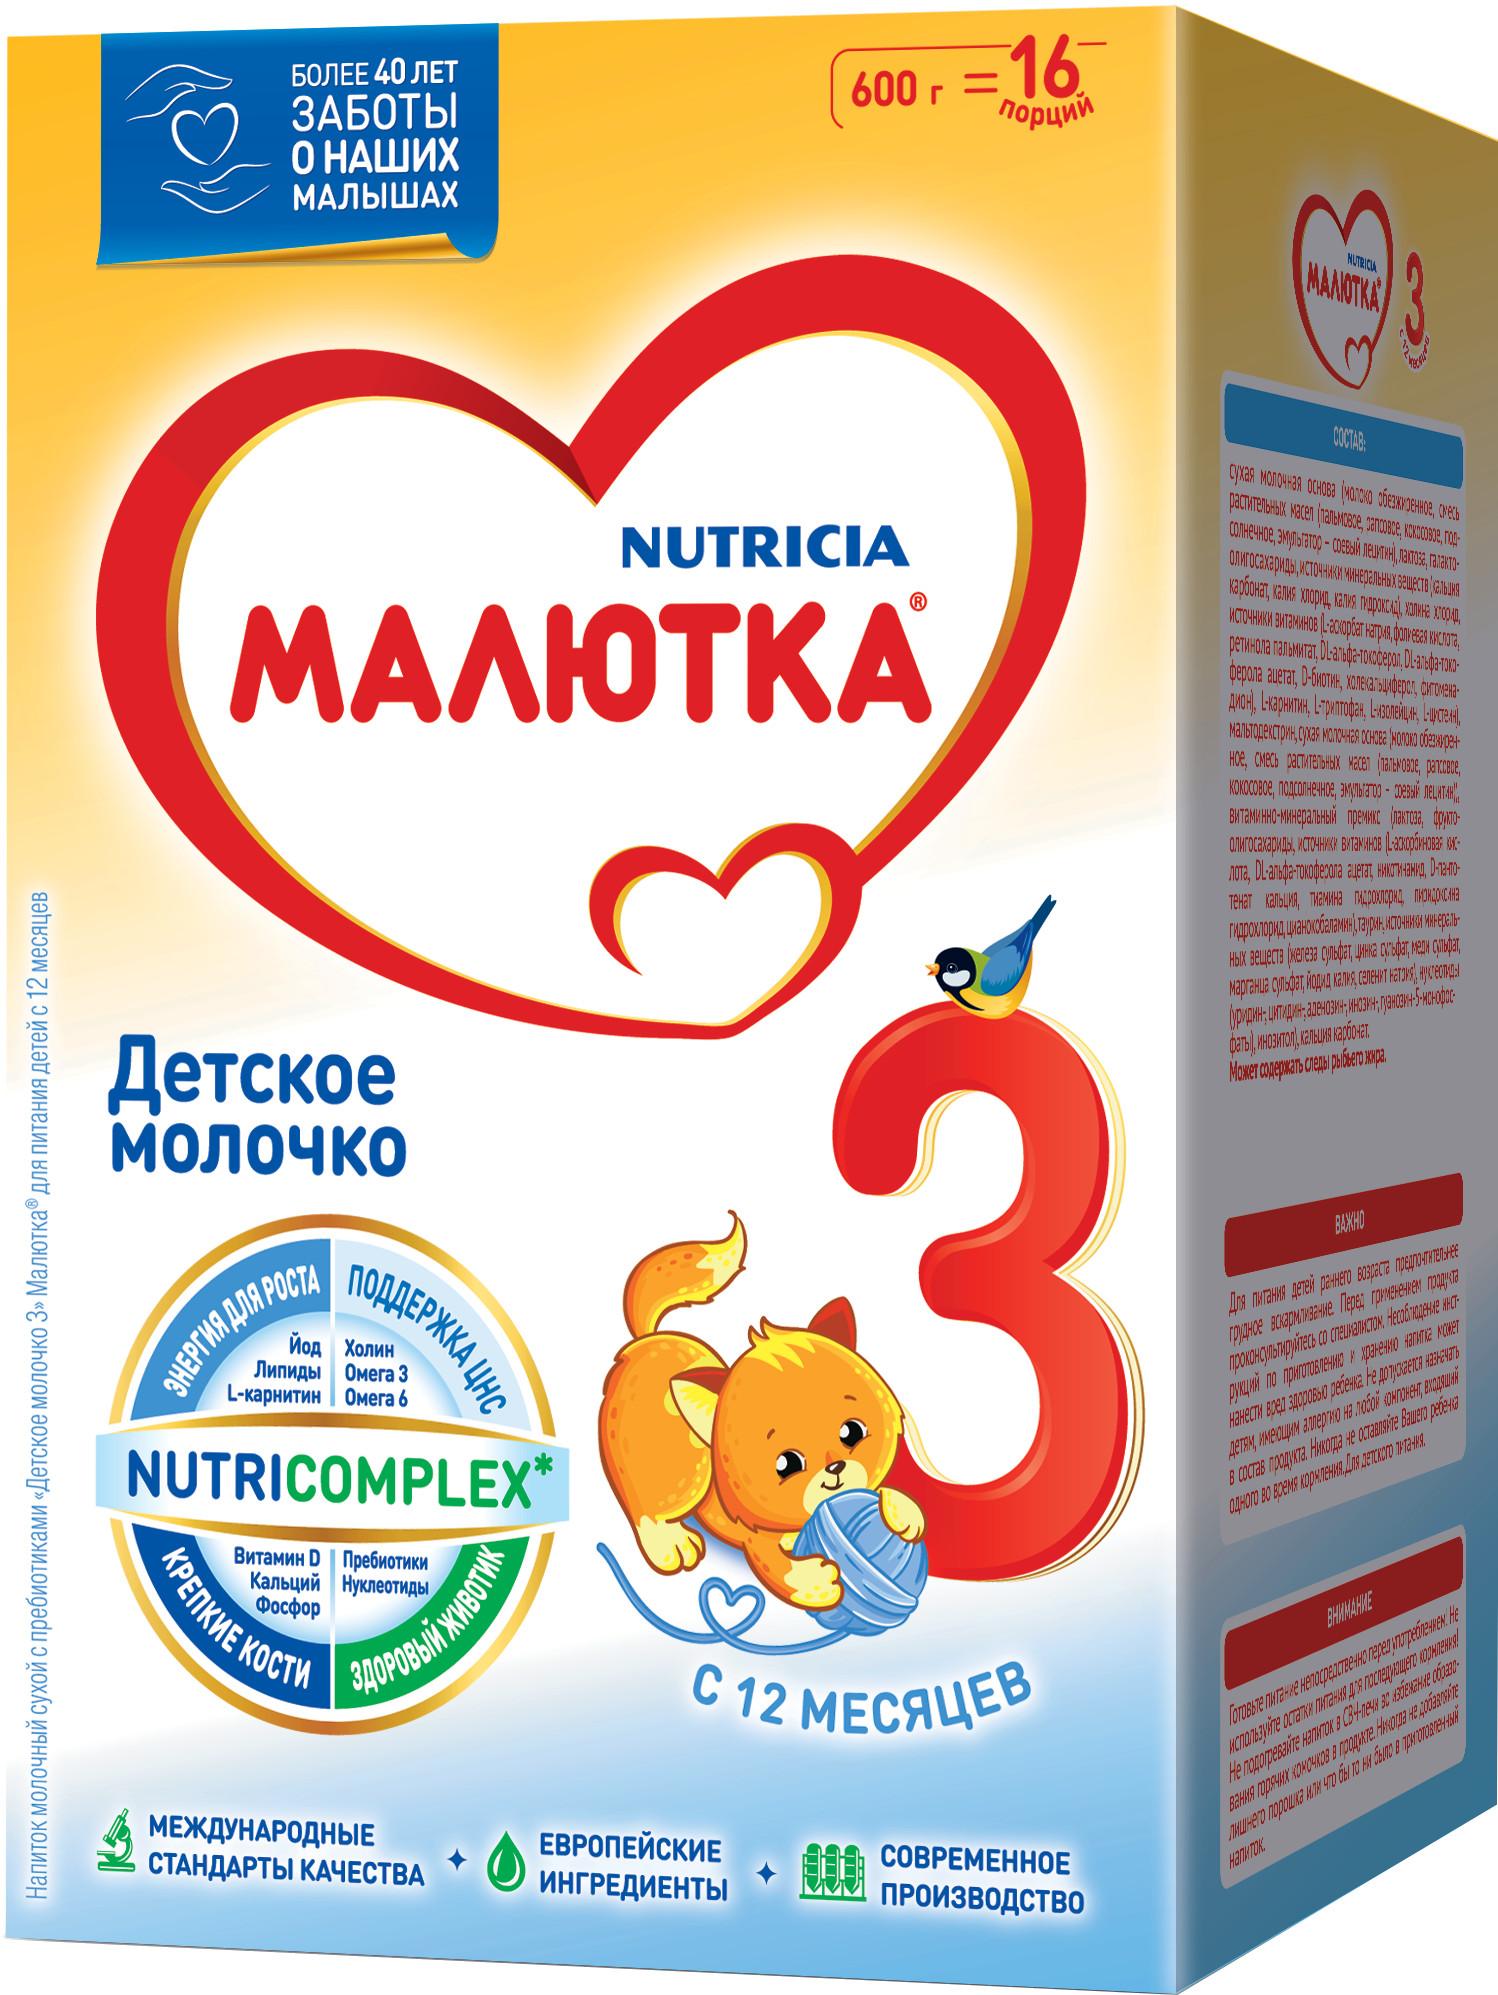 Сухие Малютка Детское молочко Малютка 3 с 12 мес. 600 г детское молочко малютка 4 с 18 мес 600 г